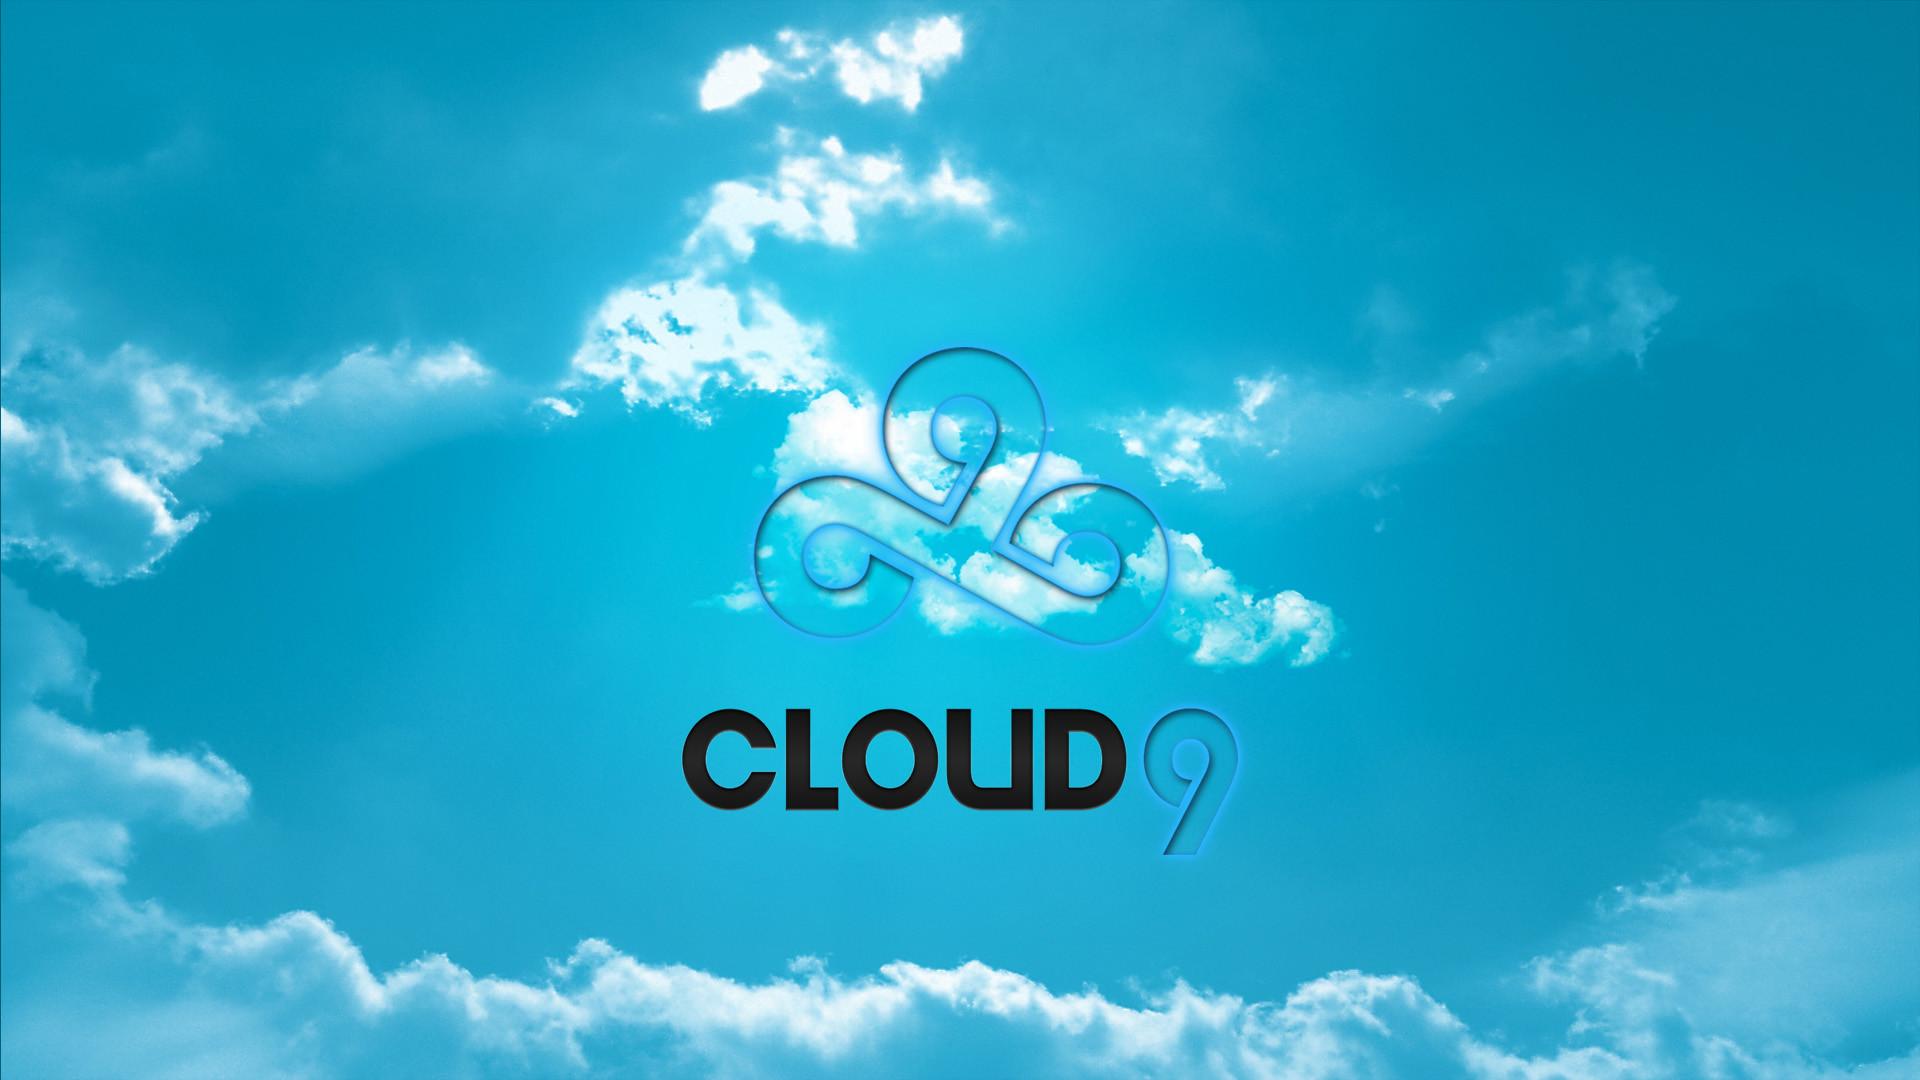 Cloud 9 League of Legends